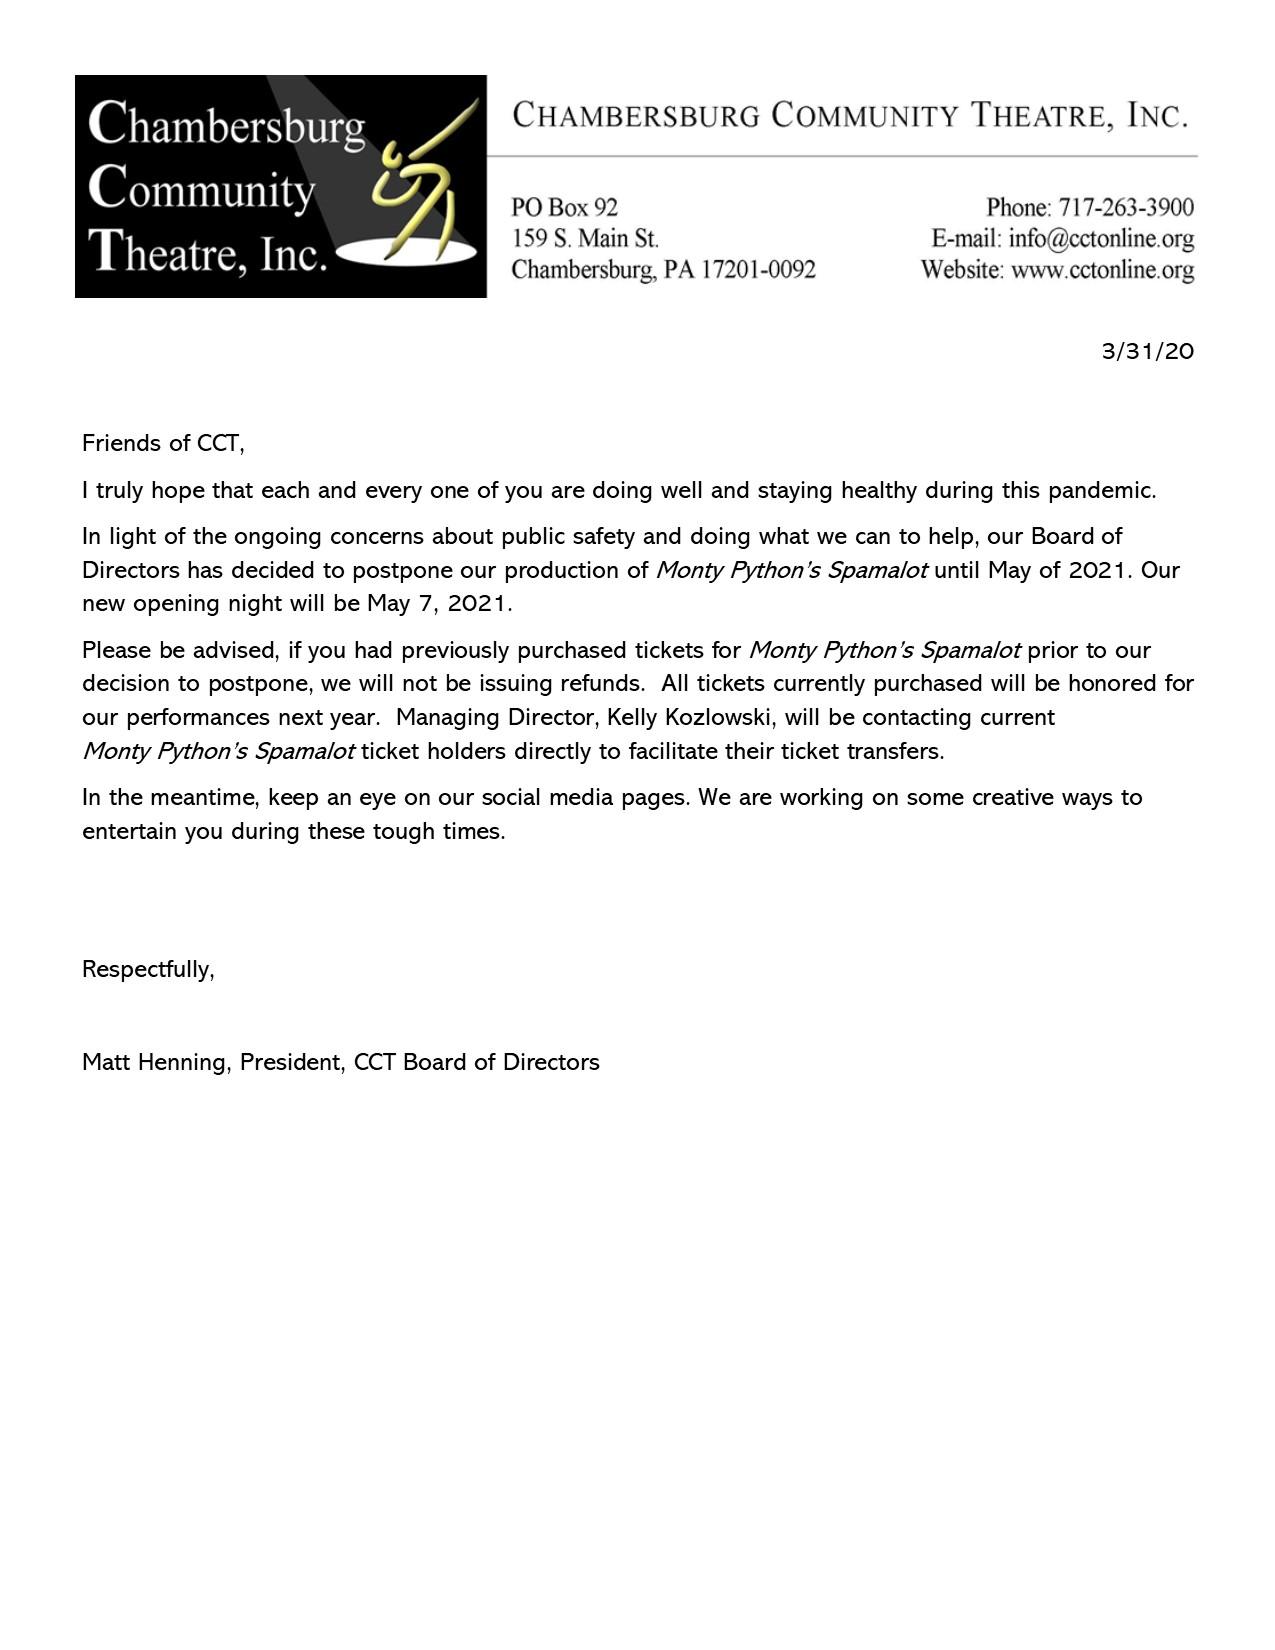 Spamalot Postponement Letter